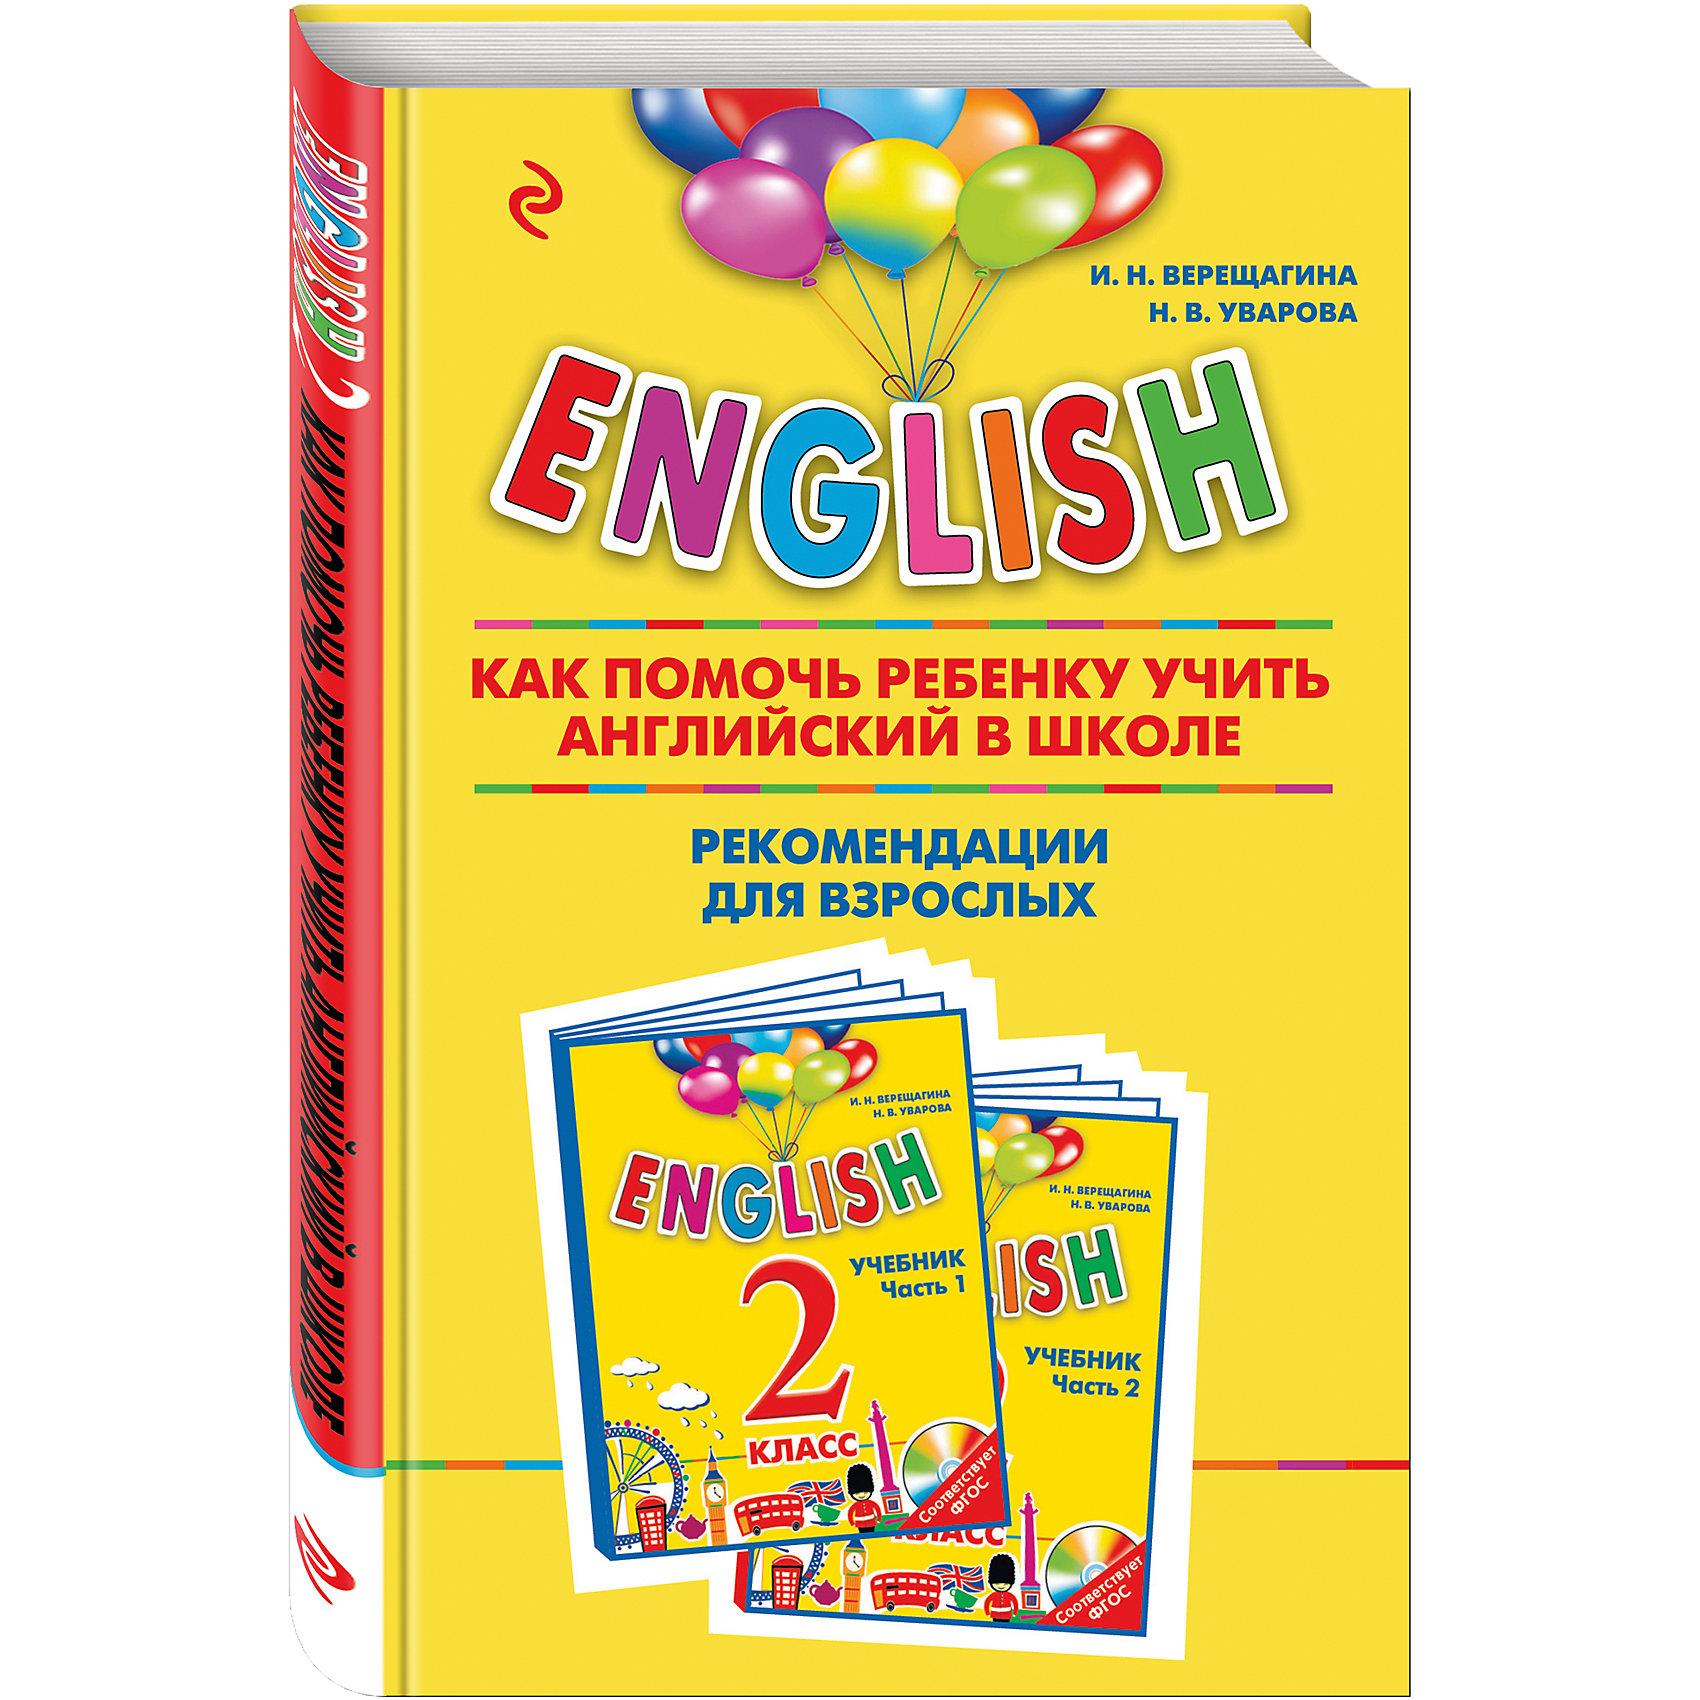 ENGLISH, 2 класс, как помочь ребенку учить английский в школеИностранный язык<br>Данная книга входит в состав учебно-методического комплекта по английскому языку для учащихся 2 класса общеобразовательных учреждений.<br>В книге описываются цели и задачи обучения детей английскому языку во 2 классе, приводятся методические принципы построения учебного курса, даются подробные поурочные рекомендации. В каждом уроке даны тексты звукового пособия к учебнику и рабочей тетради, входящих в учебно-методический комплект.<br>Книга предназначена для преподавателей и репетиторов английского языка, а также для родителей, занимающихся английским дома с детьми.<br><br>Ширина мм: 220<br>Глубина мм: 140<br>Высота мм: 20<br>Вес г: 263<br>Возраст от месяцев: 72<br>Возраст до месяцев: 96<br>Пол: Унисекс<br>Возраст: Детский<br>SKU: 6878172